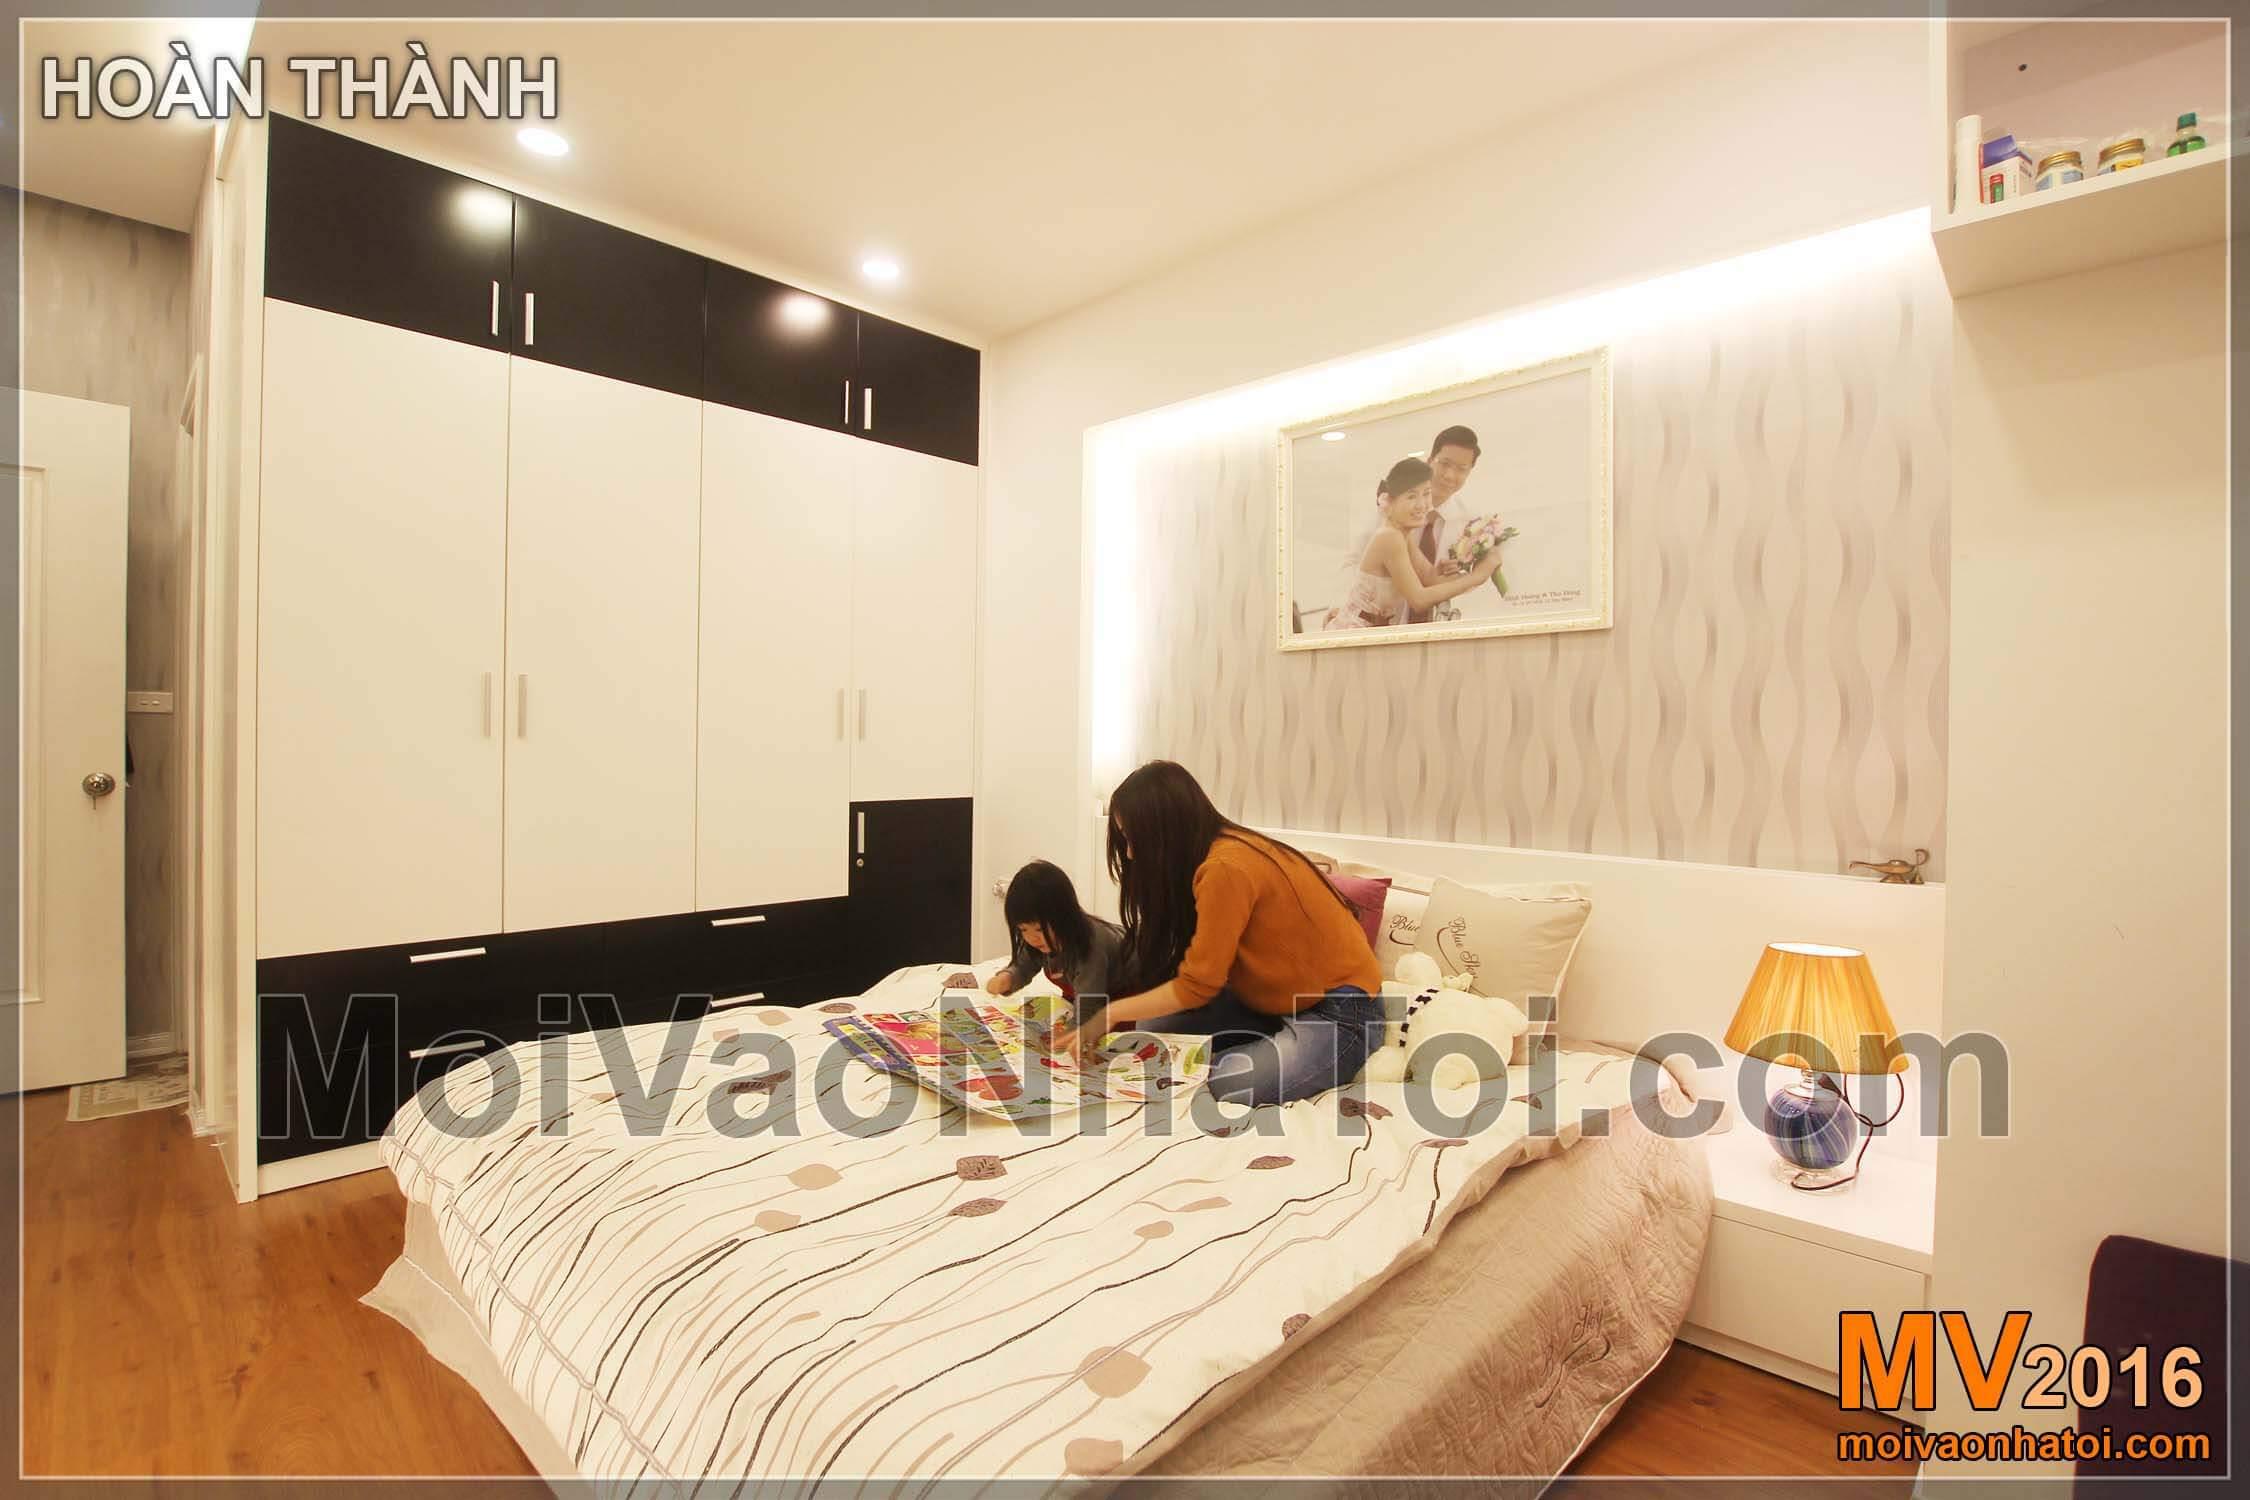 Tô điểm phòng ngủ vợ chồng với mảng tường và đèn hắt cách điệu